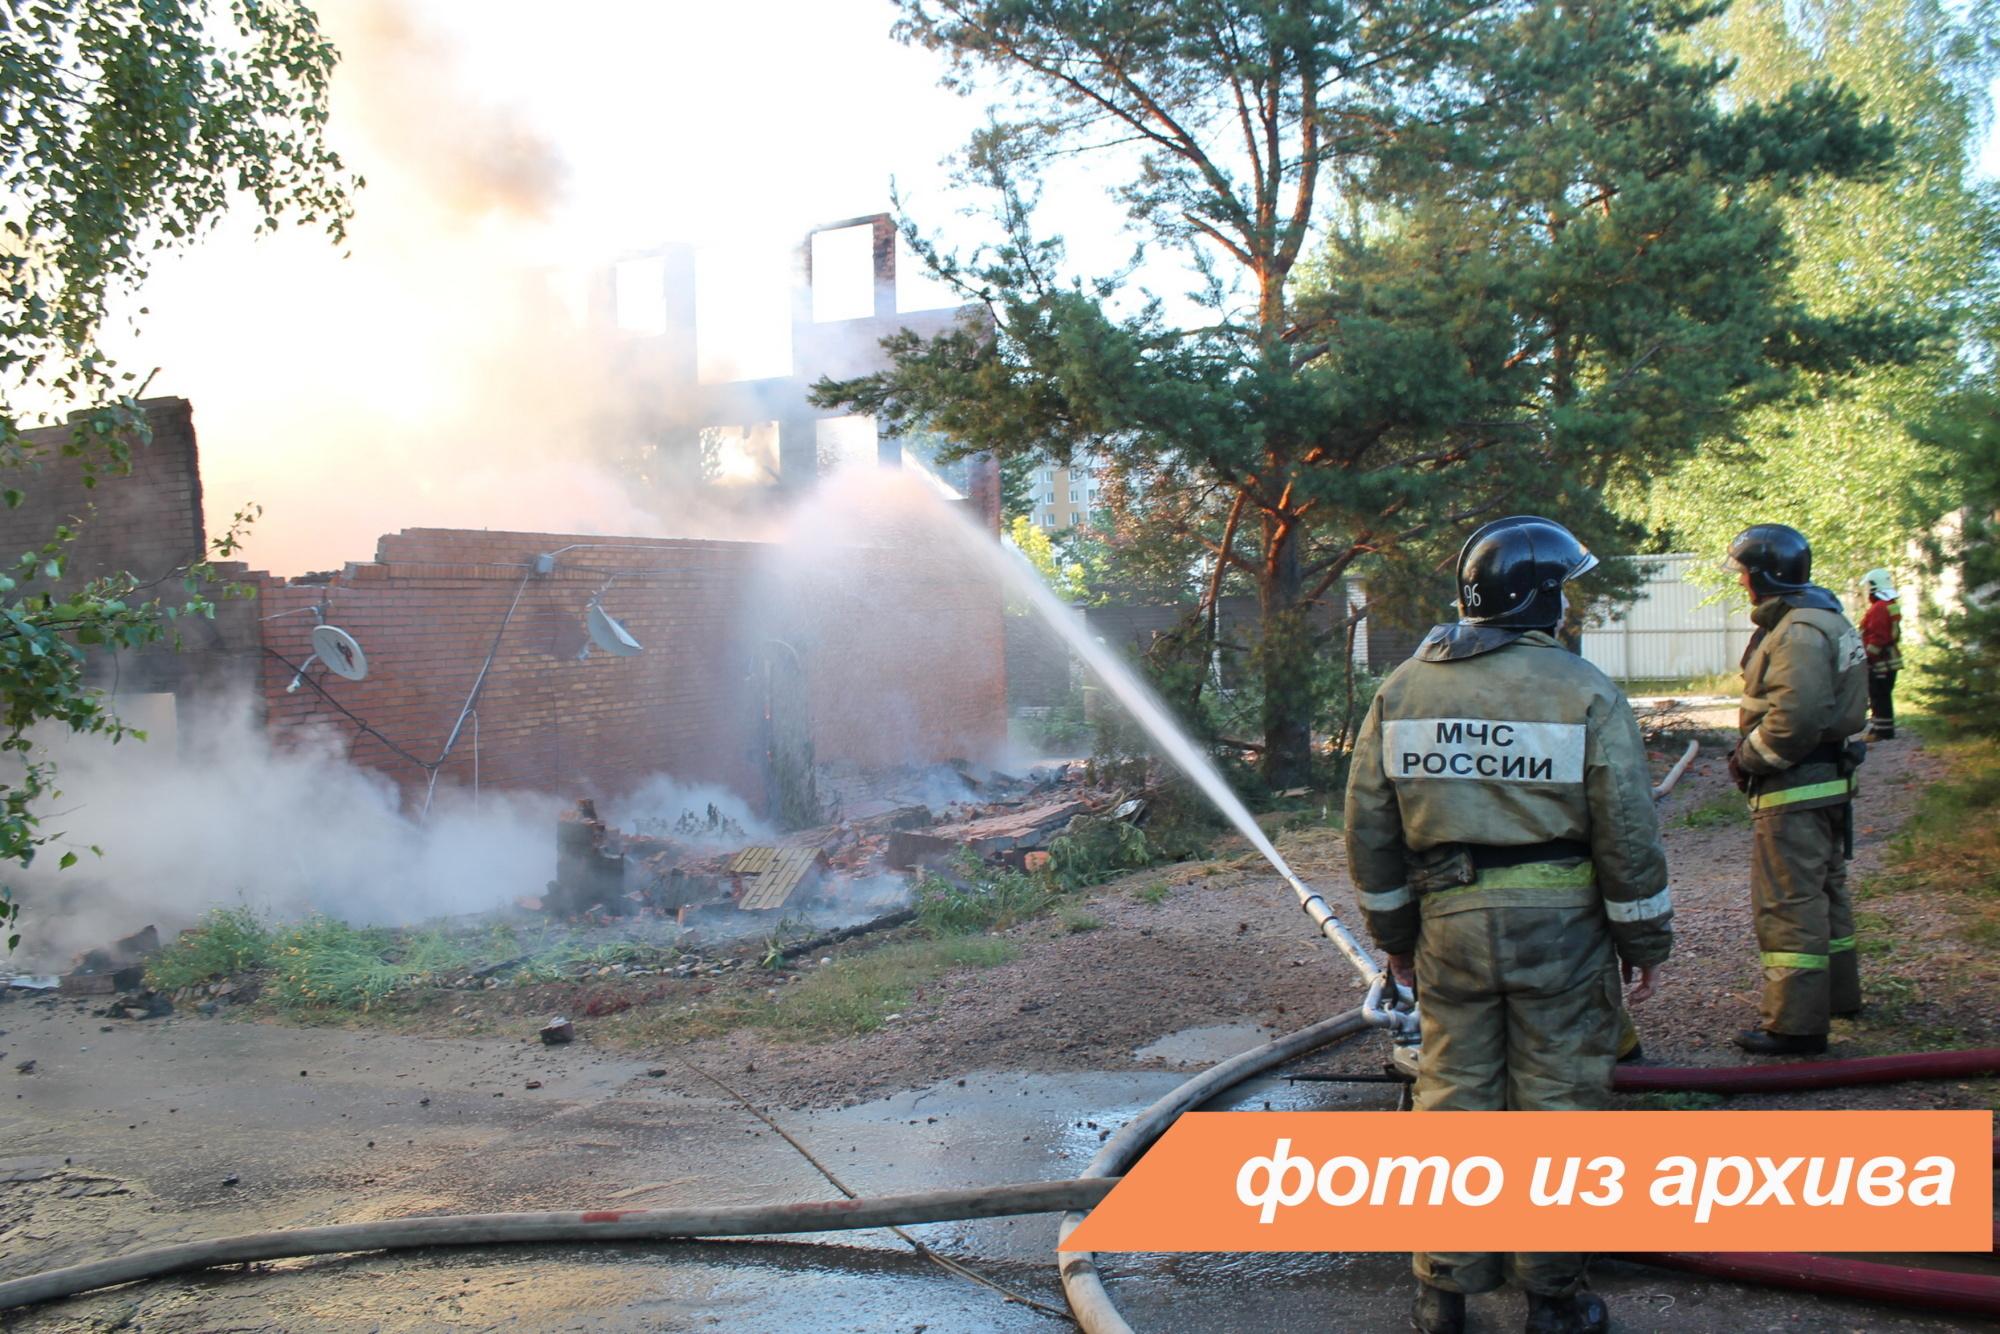 Пожарно-спасательные подразделения Ленинградской области ликвидировали пожар в Лодейнопольском районе